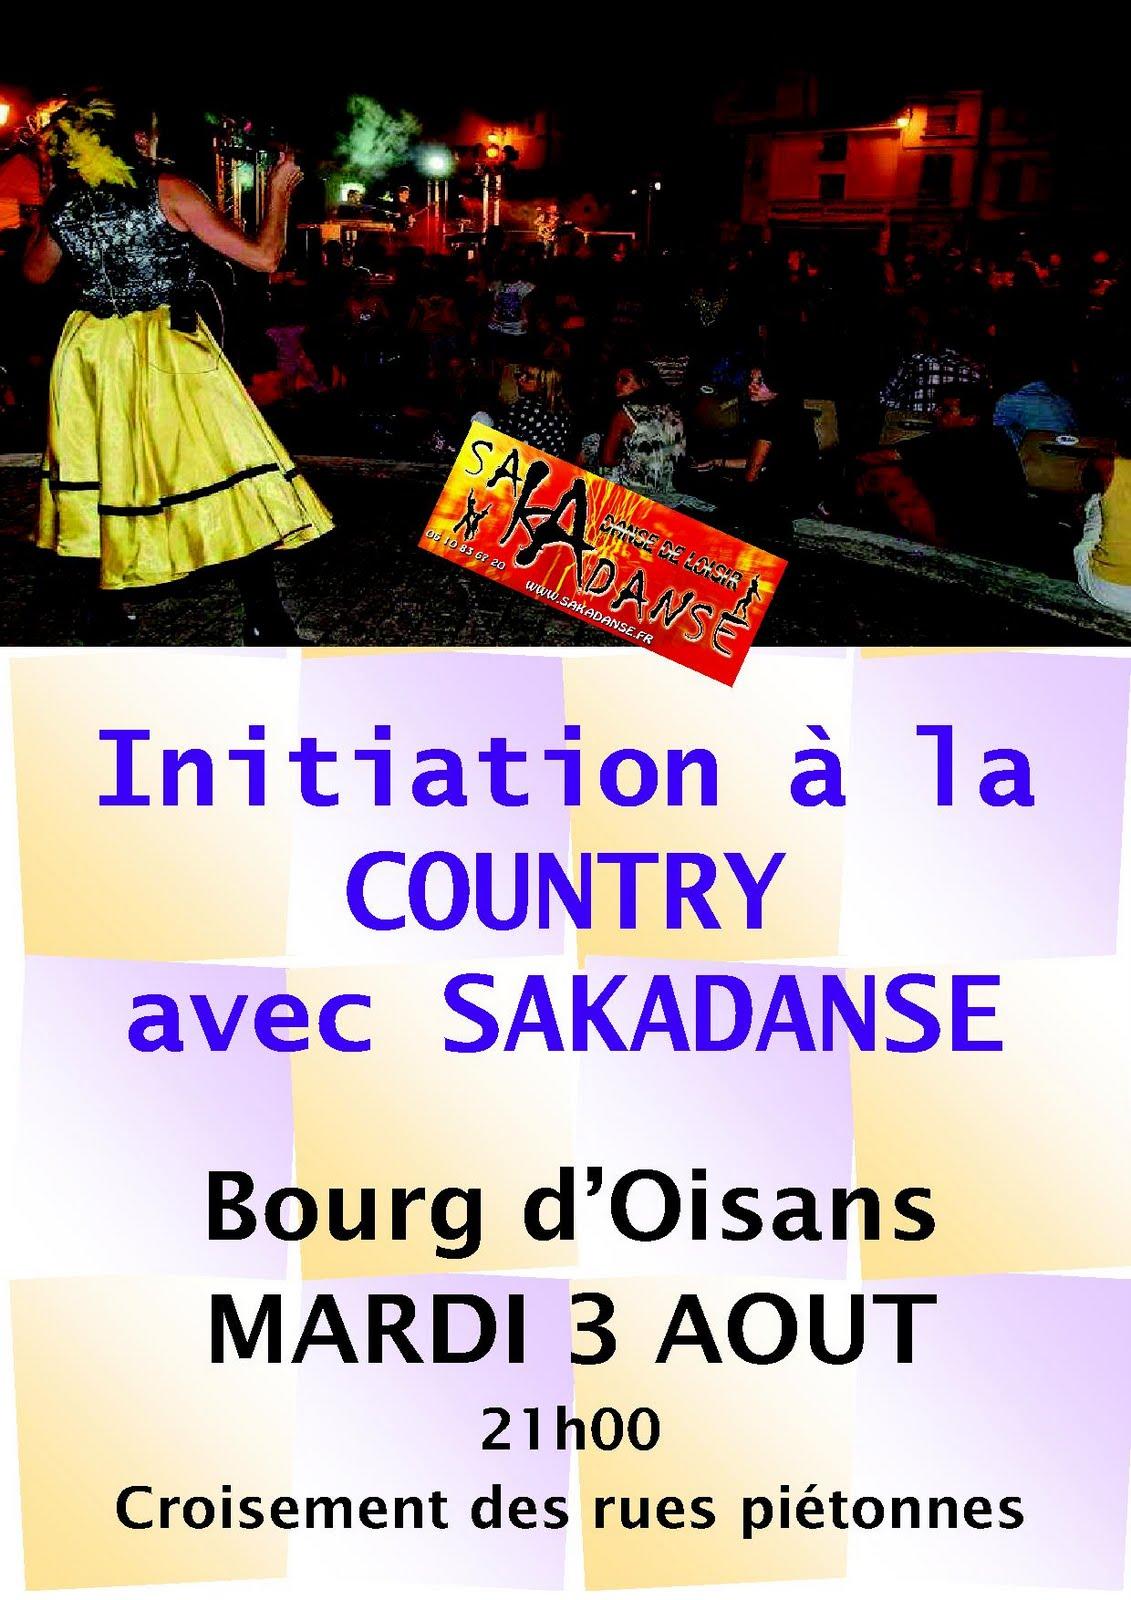 News de l 39 office de tourisme bourg d 39 oisans ce soir danse au programme - Bourg d oisans office tourisme ...